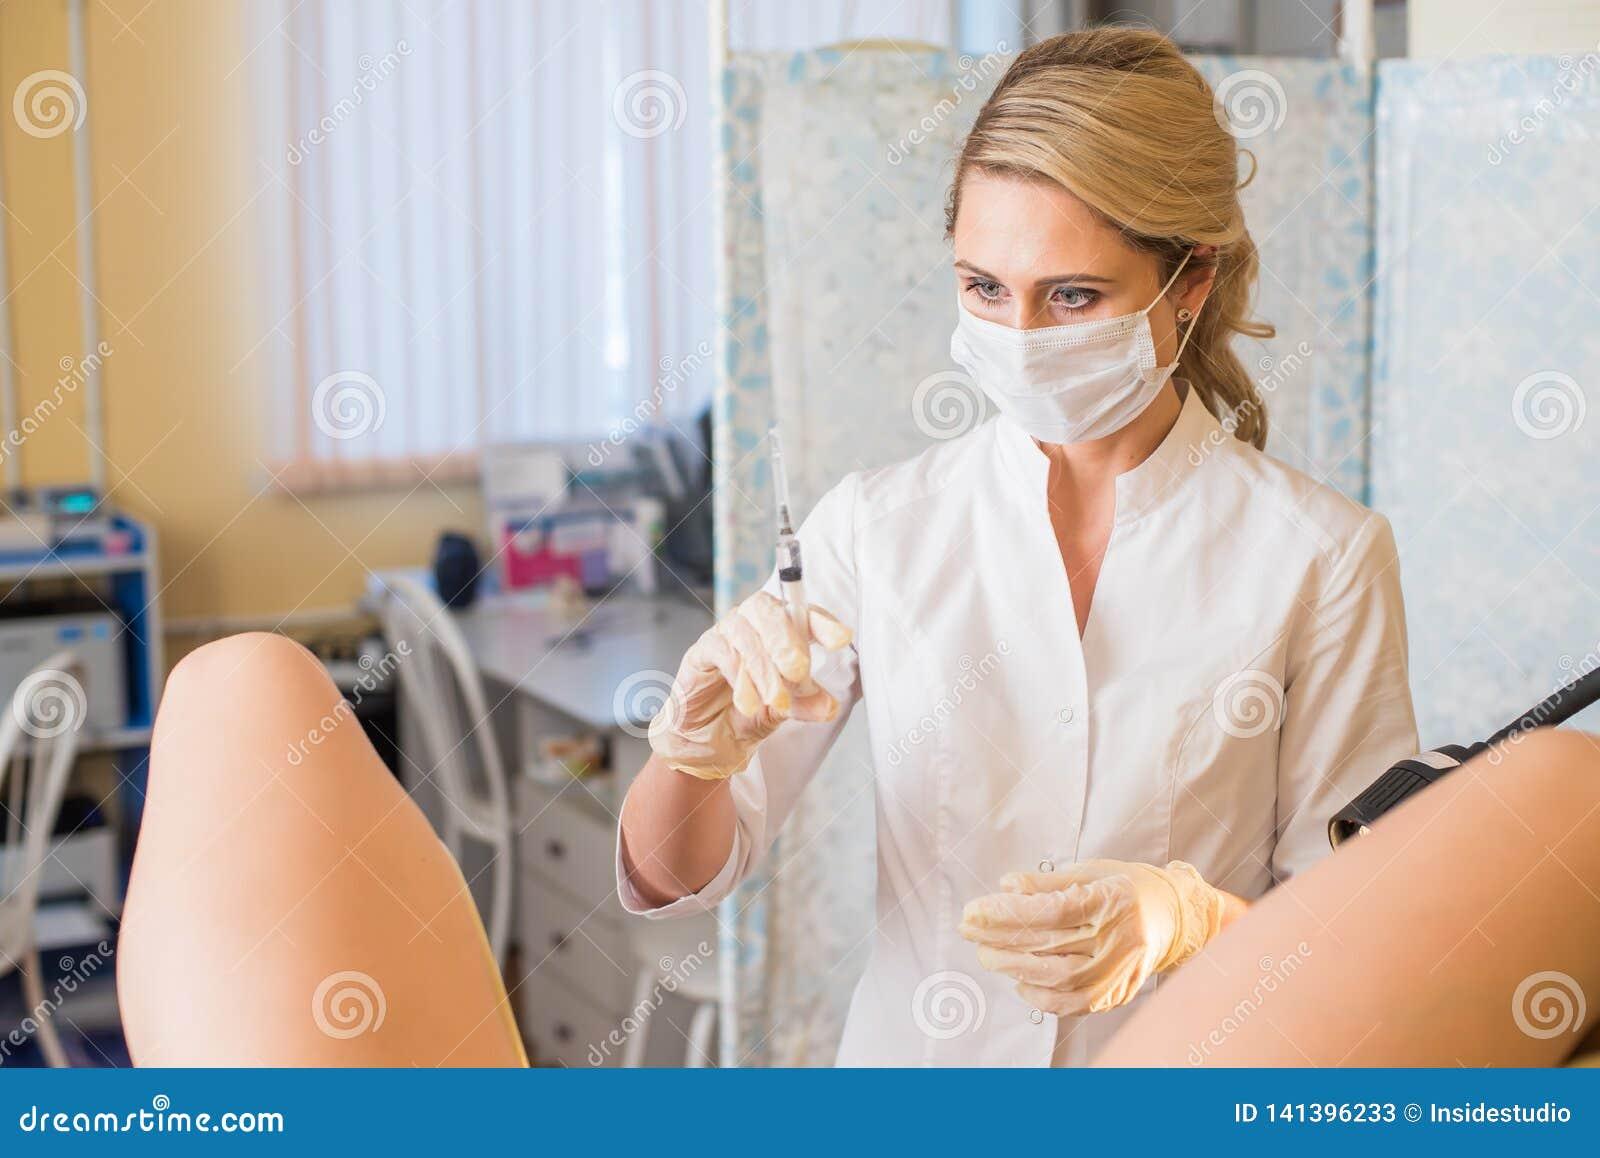 Gynekologen gör en injektion Den attraktiva doktorsgynekologen behandlar patienten